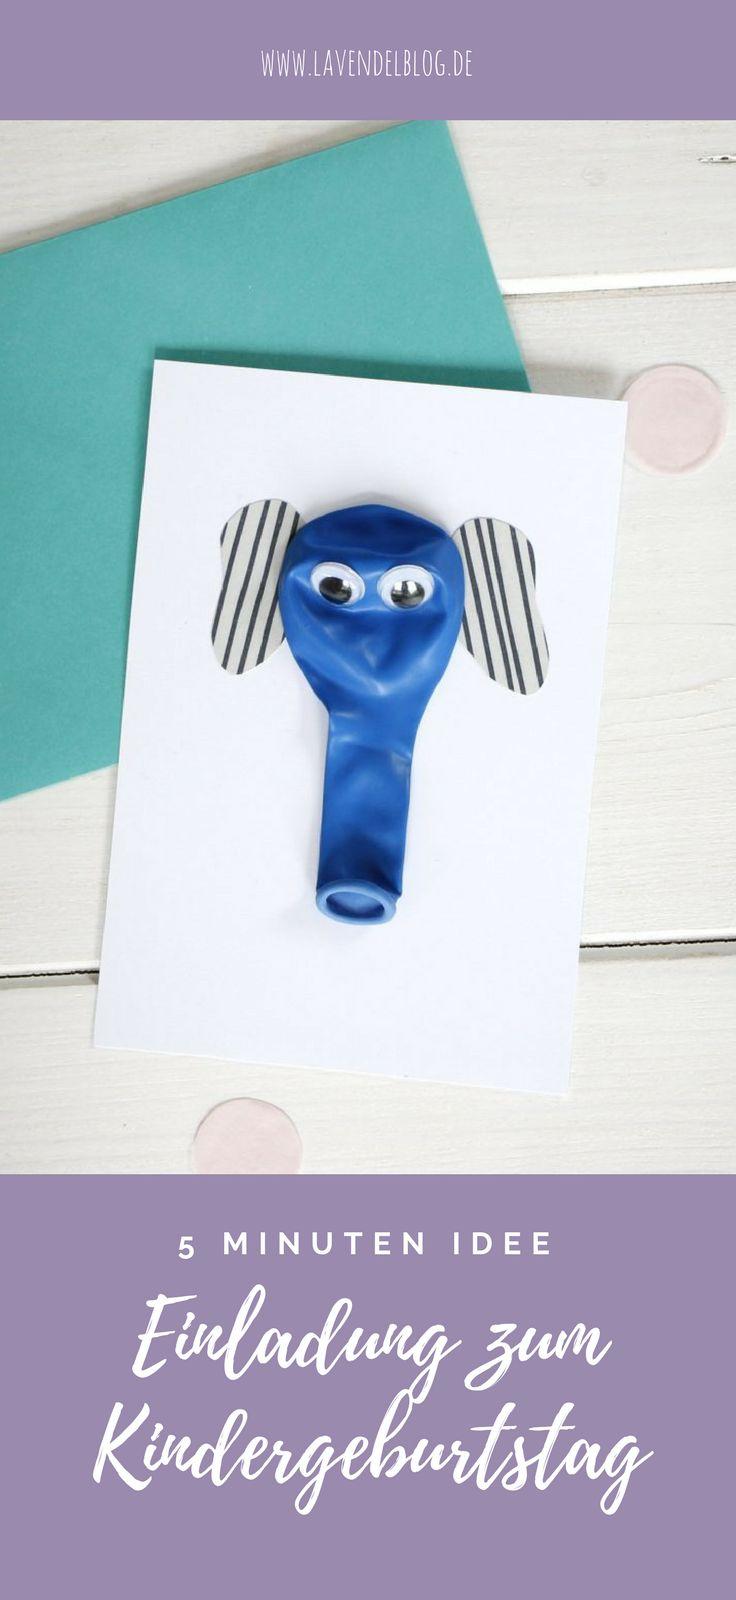 Einladungskarte basteln: Schnell, simpel und trotzdem ausdrucksstark ist die Luftballon Einladungskarte zum Kindergeburtstag. Für die Bastelidee brauchen Kinder kaum Hilfe. Ideal für eine Tierparty, eine Zooparty oder einfach nur so.